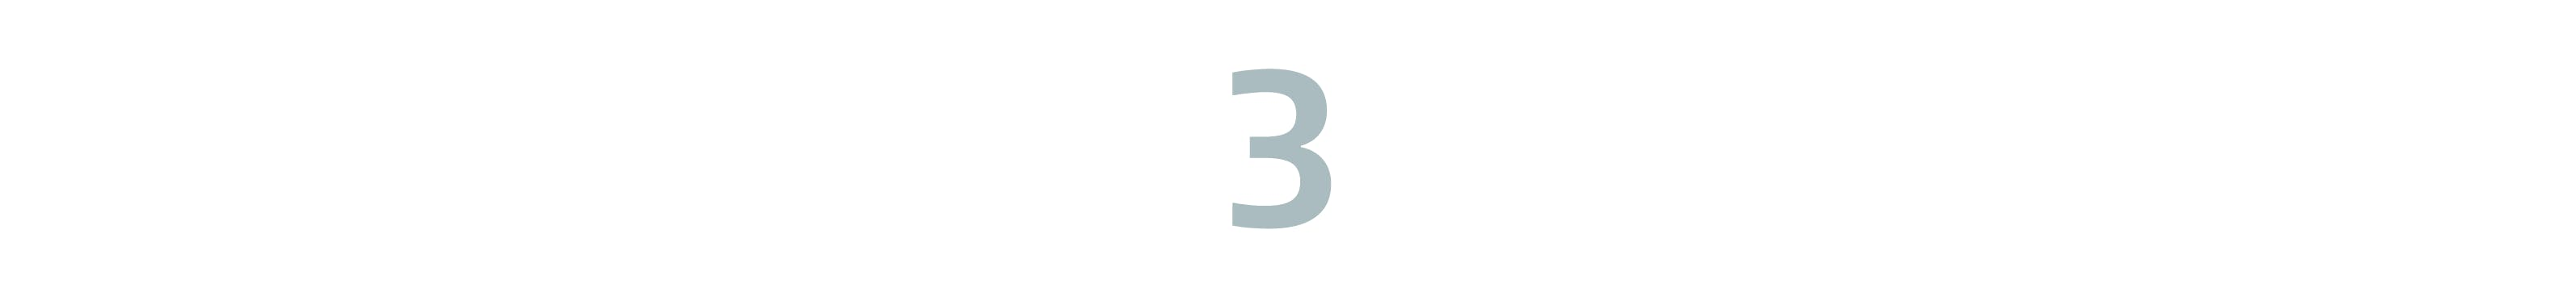 Zahl_3